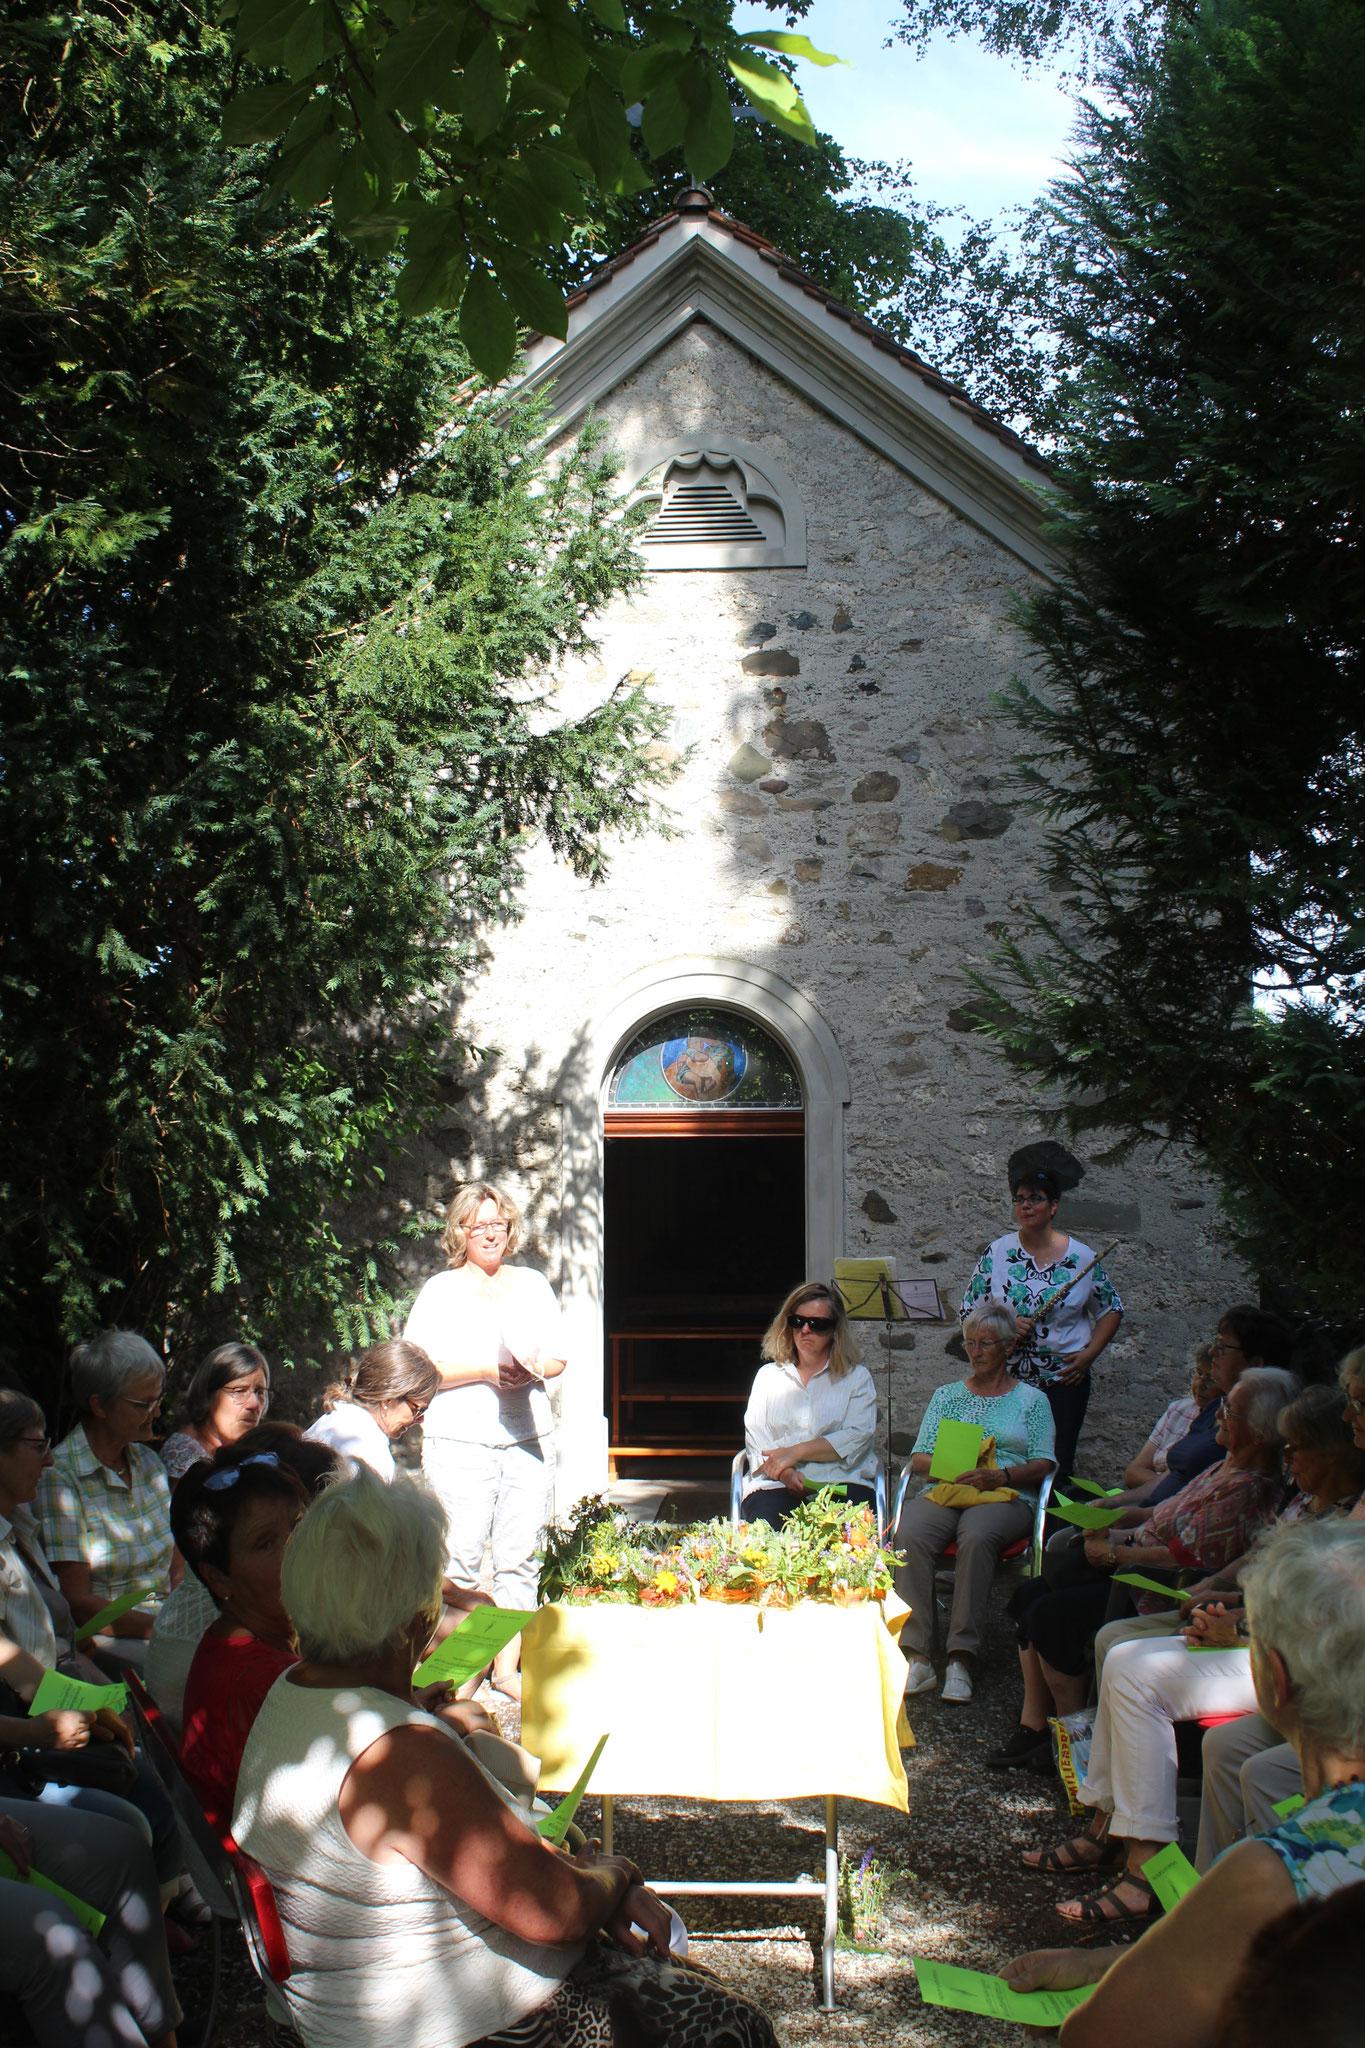 Gemütliches Beisaammensein im Klostergarten